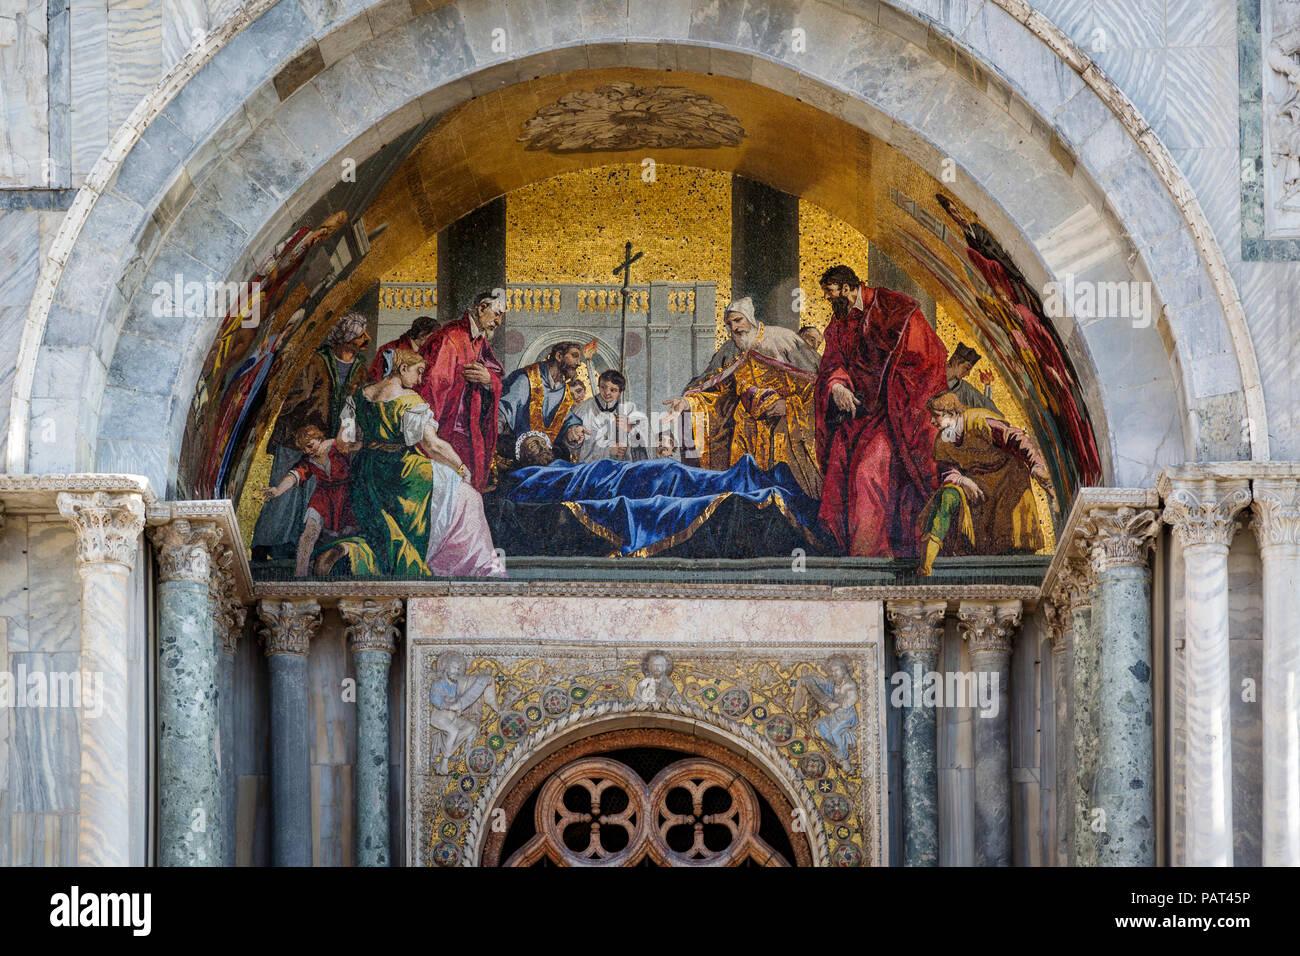 Mosaico sobre las puertas de entrada a la Basílica di San Marco, la Plaza de San Marco, Venecia, Véneto, Italia Foto de stock